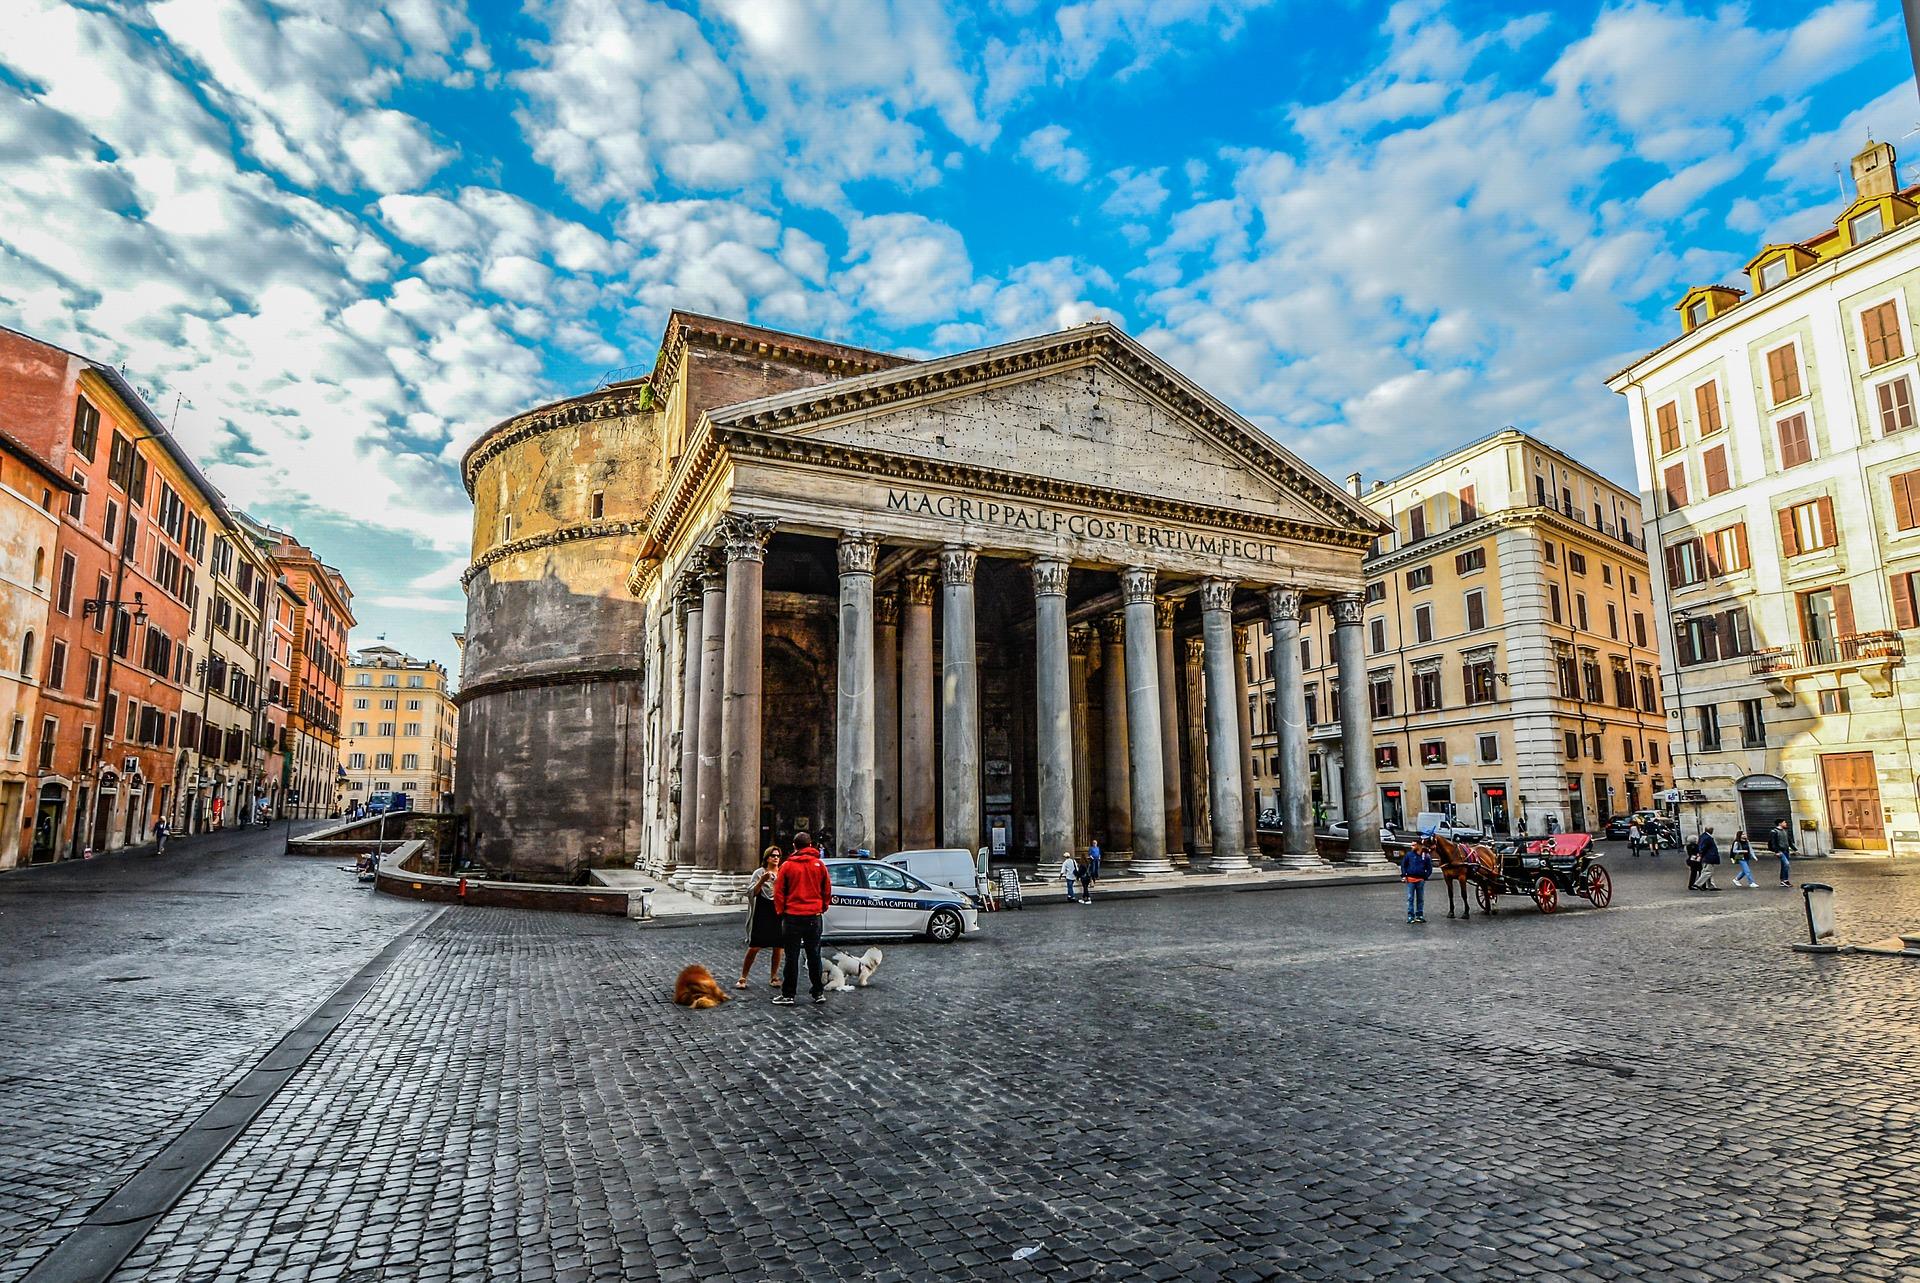 Übernachten in Rom ab 11,38€ die Nacht im Bungalow Italien City Pass 28,00€ 4